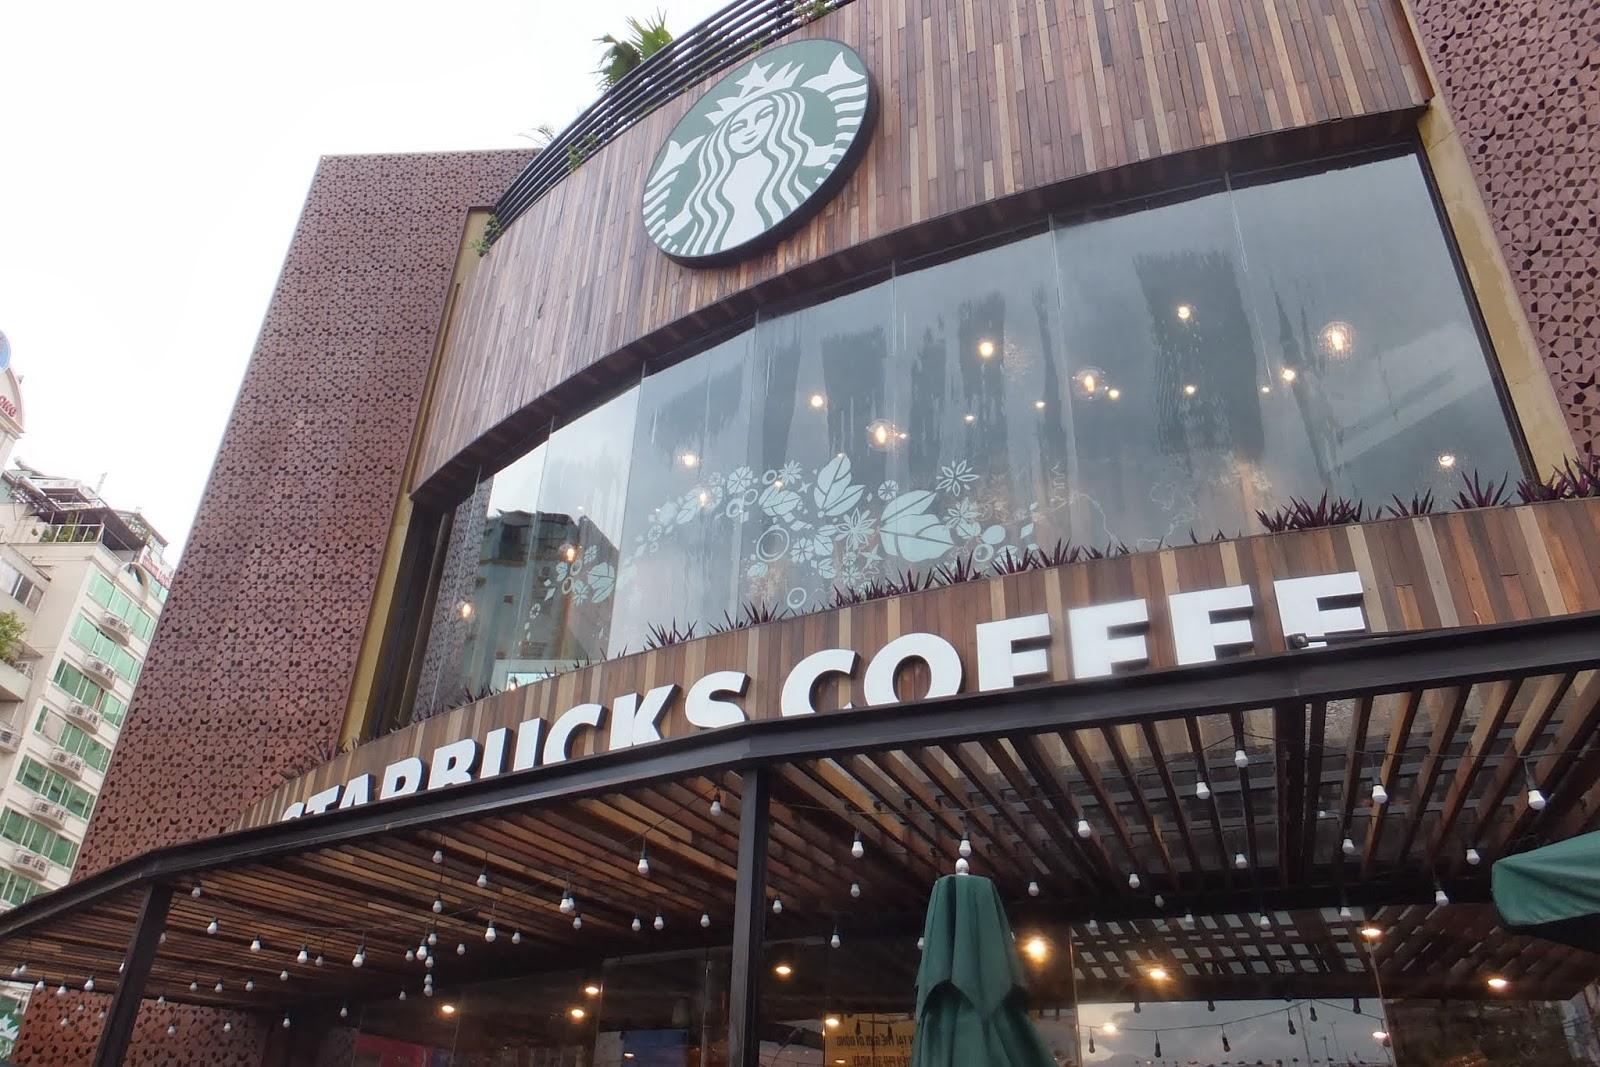 starbucks-coffee-vietnam-first スターバックスコーヒーベトナム第1号店